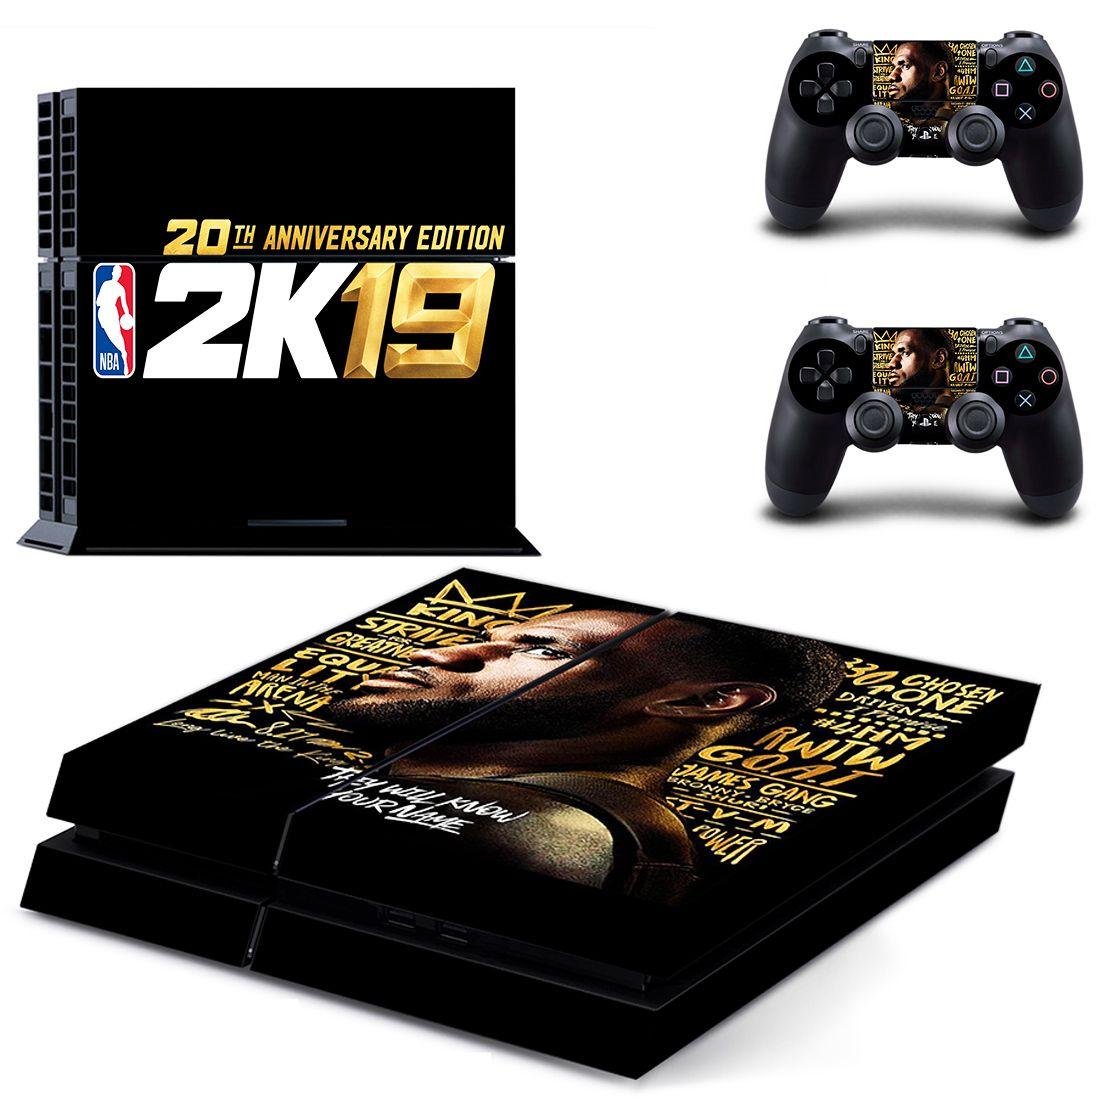 bdd40f6f76941 NBA 2K19 Playstation PS4 Pro Skin Stickers | Video Games Accessories ...